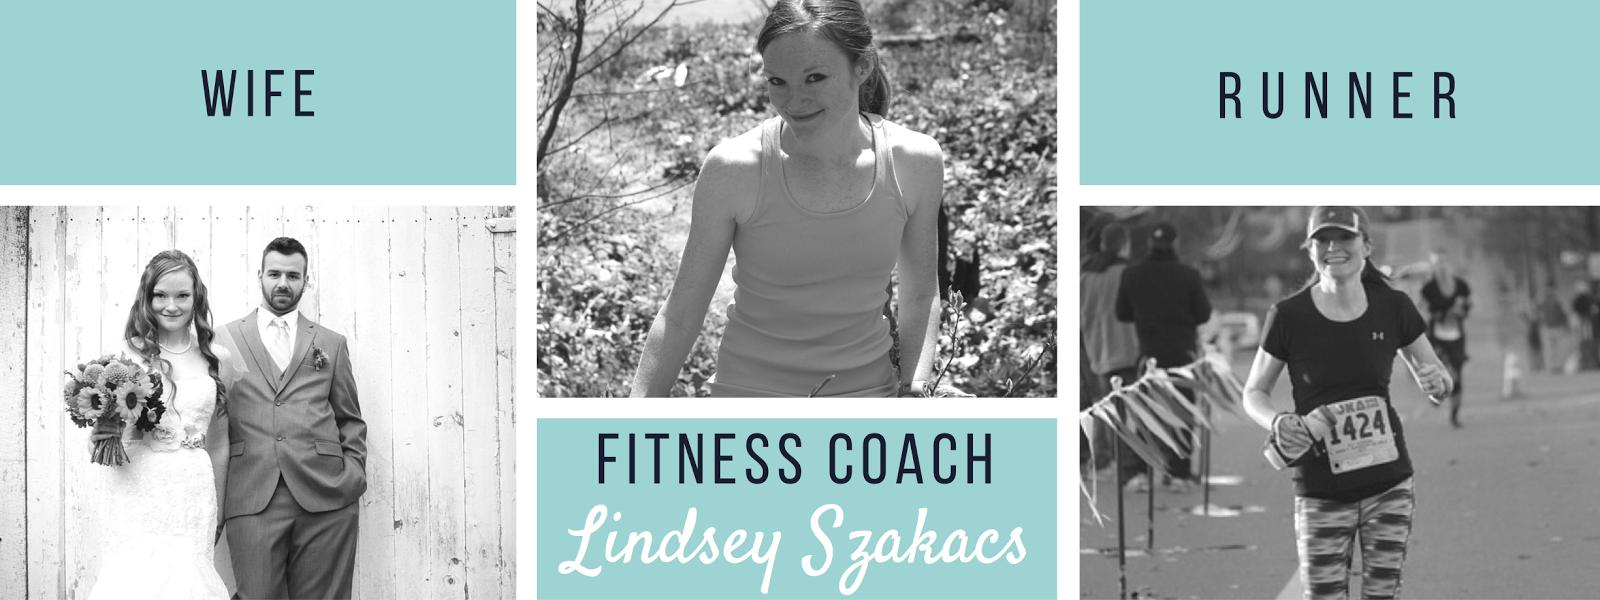 Lindsey Szakacs